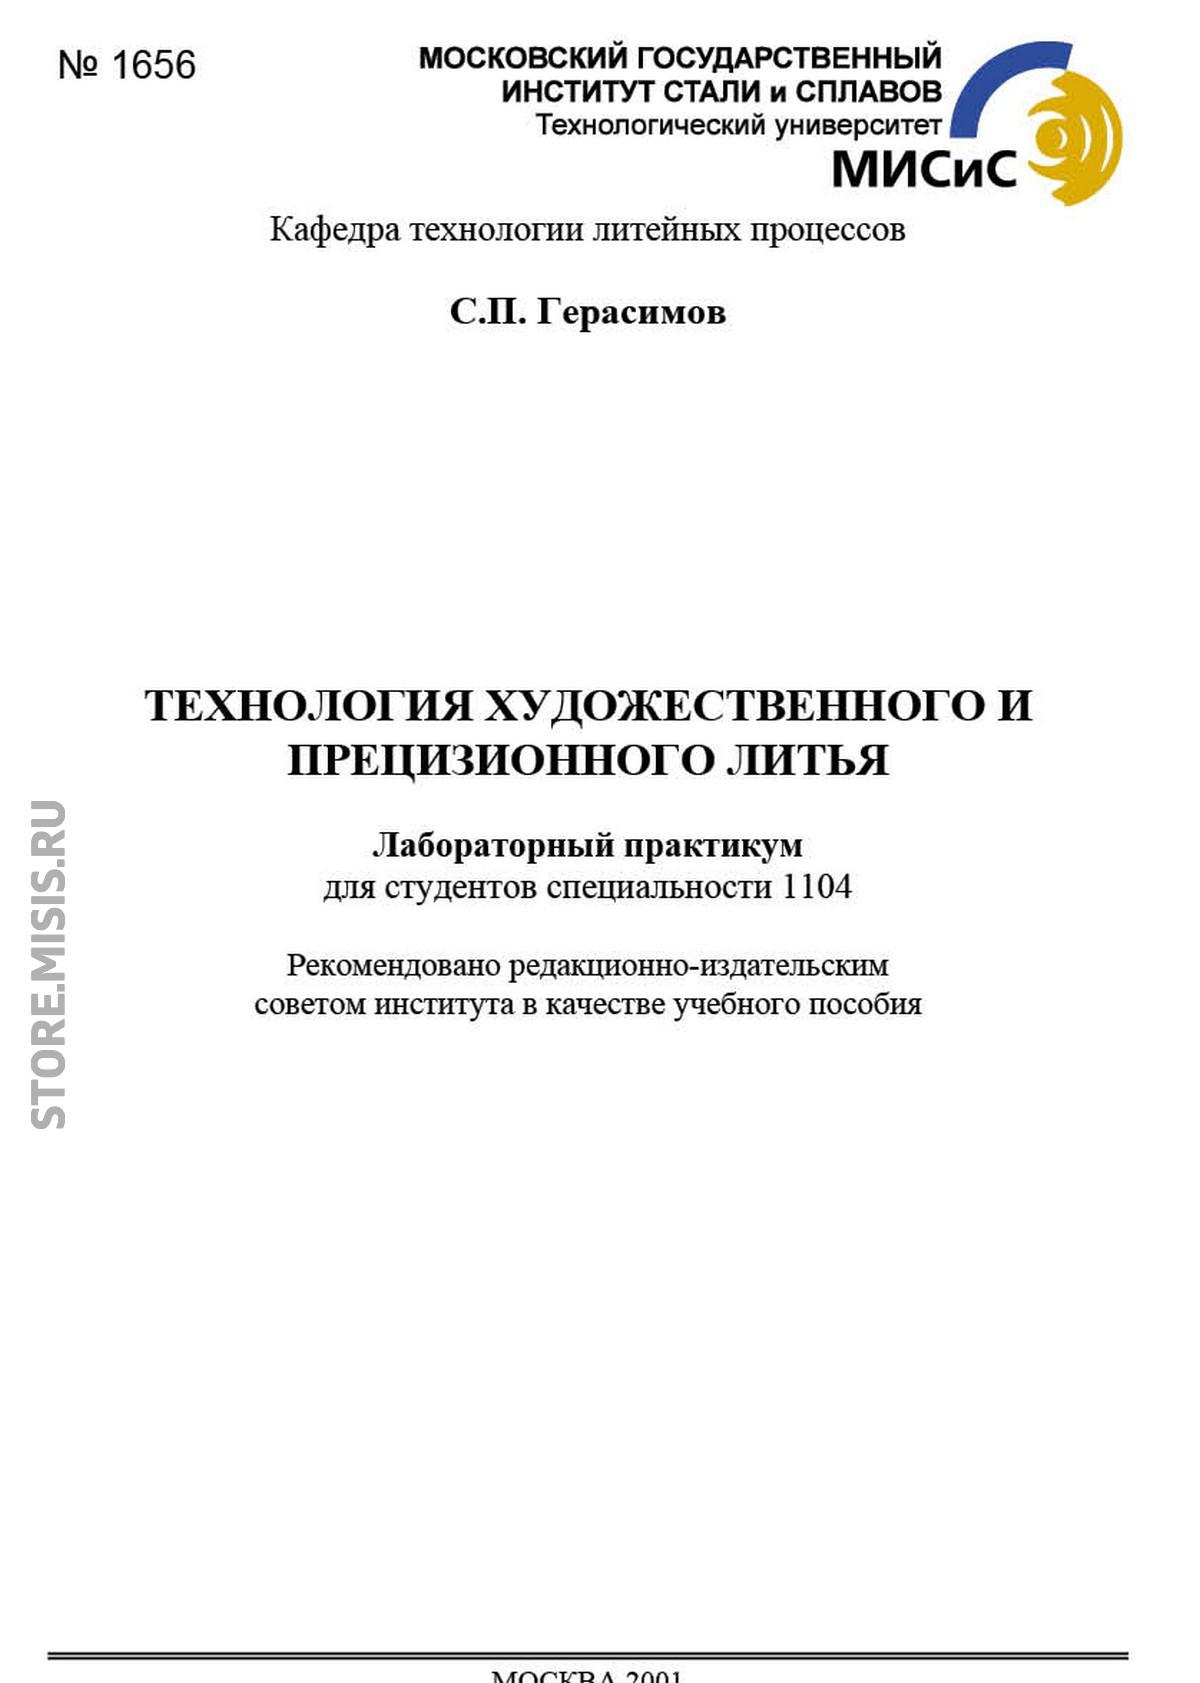 С. Герасимов Технология художественного и прецизионного литья